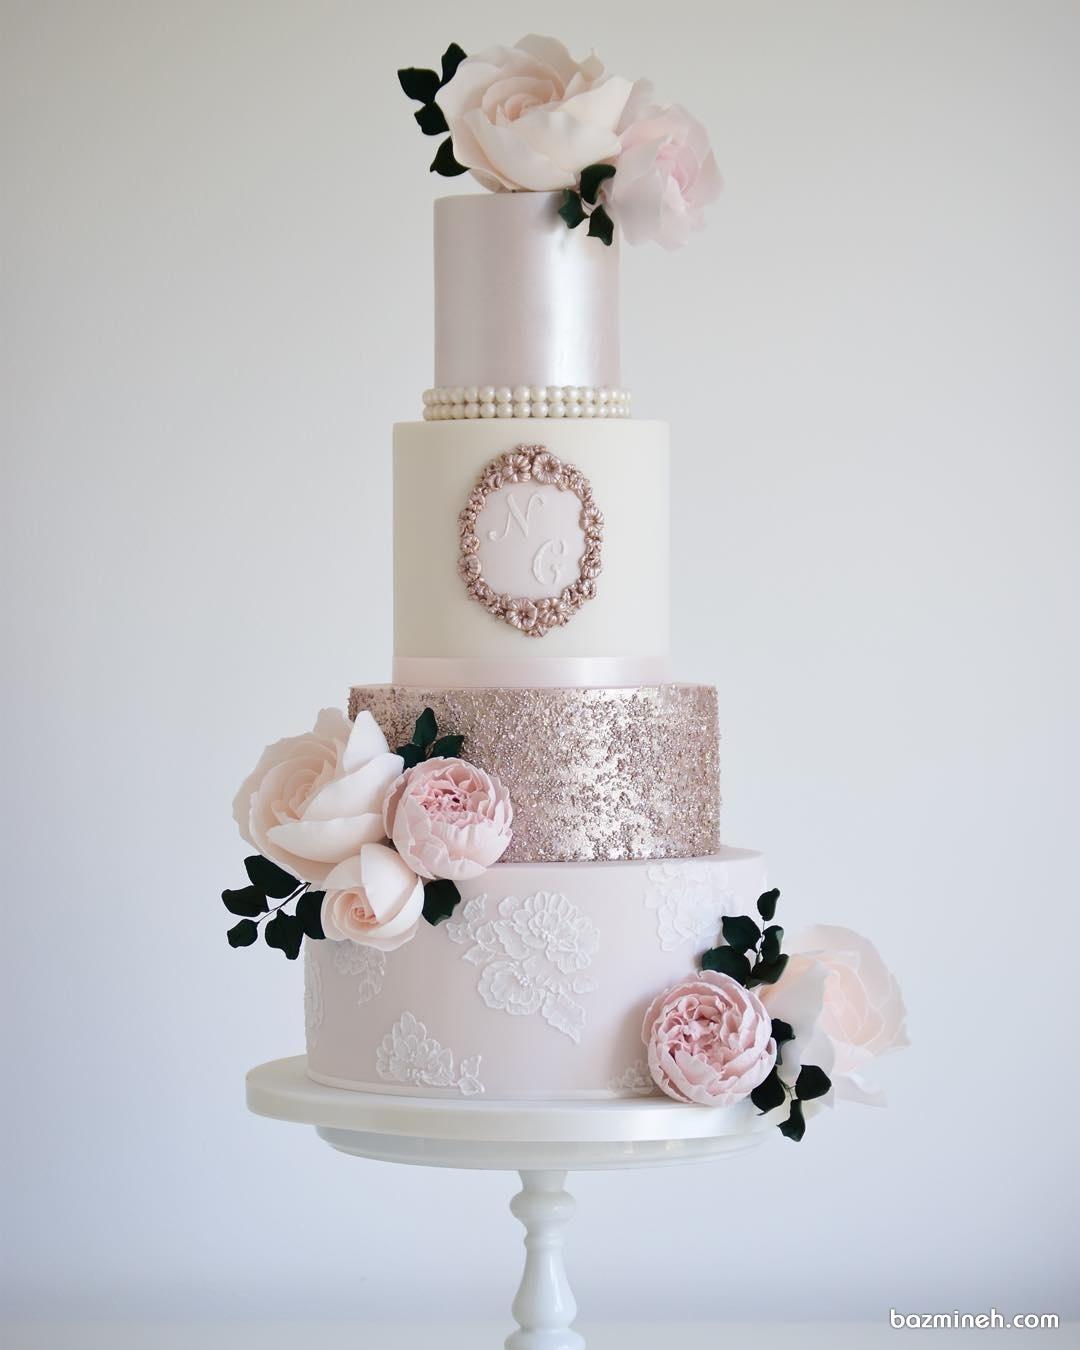 کیک زیبا برای عروسی با تم کلاسیک ساده